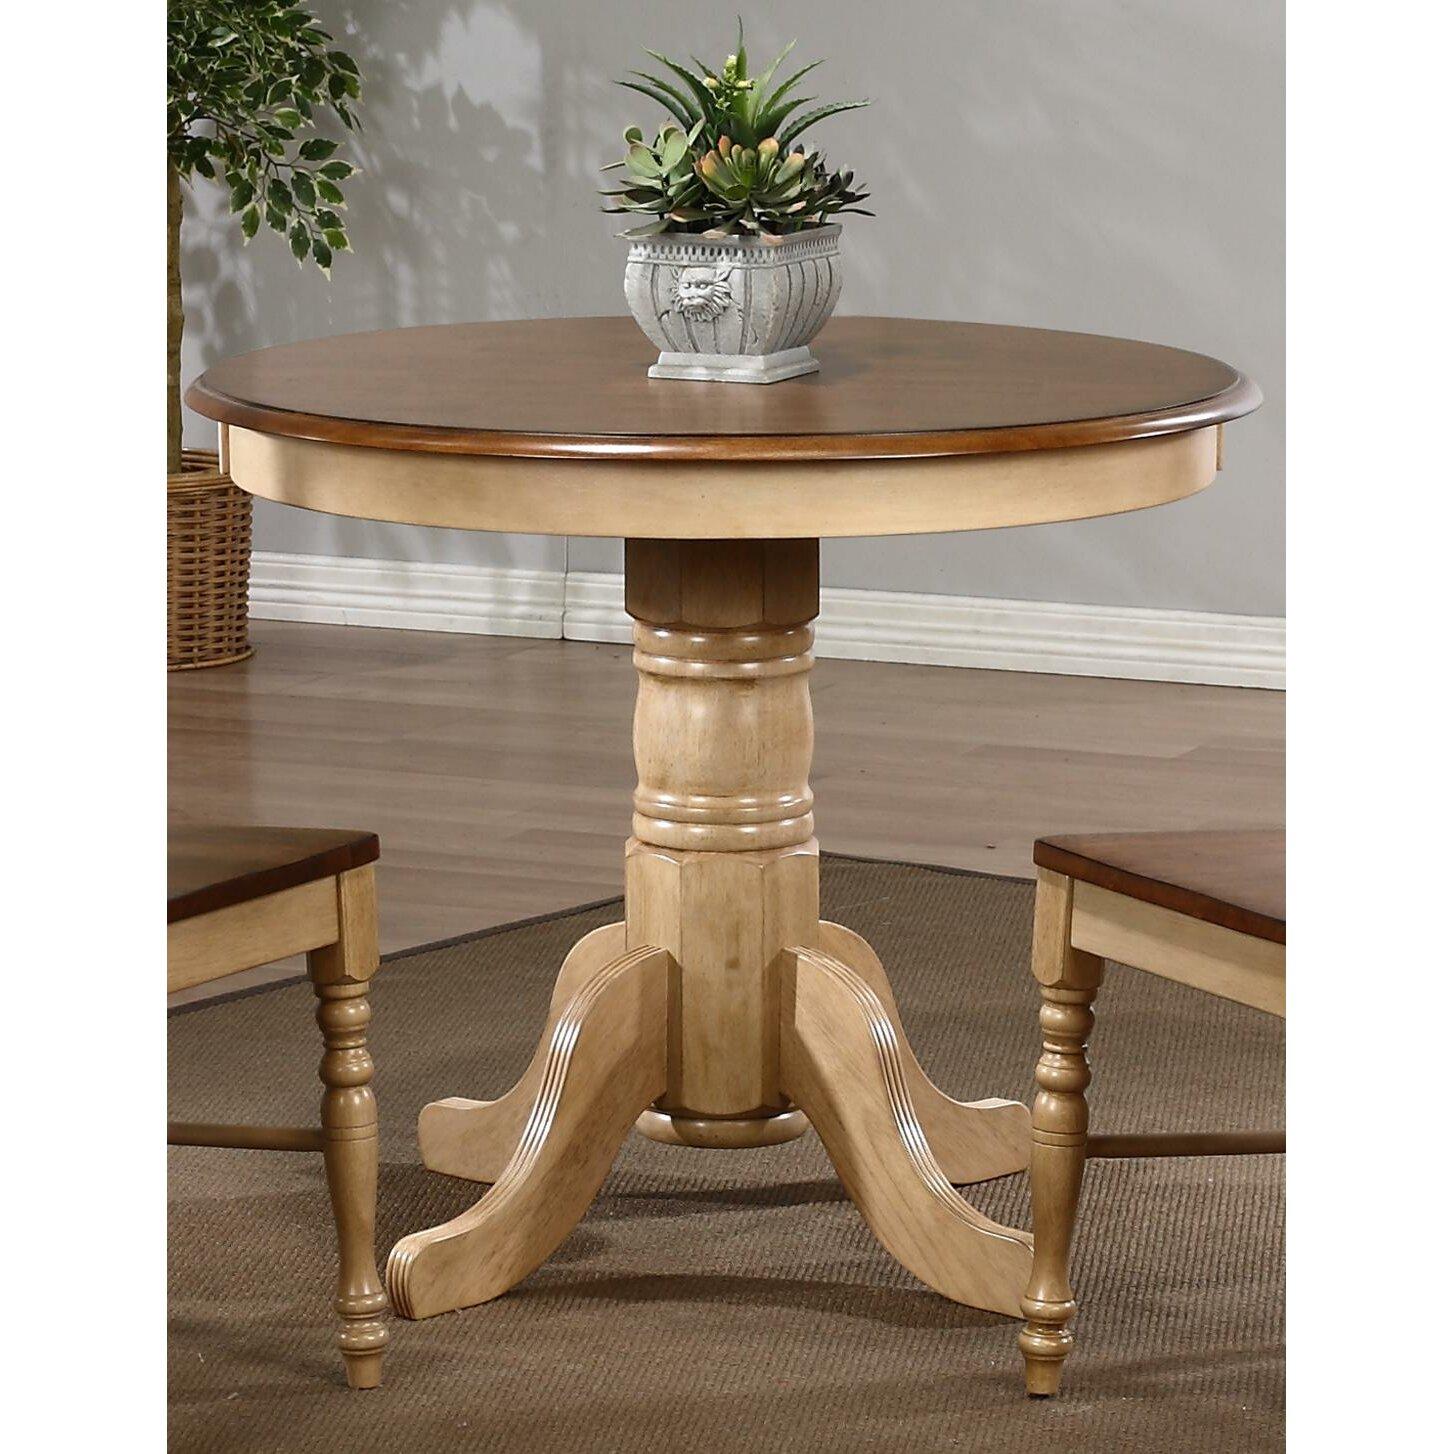 Loon Peak Huerfano Valley Dining Table Amp Reviews Wayfair